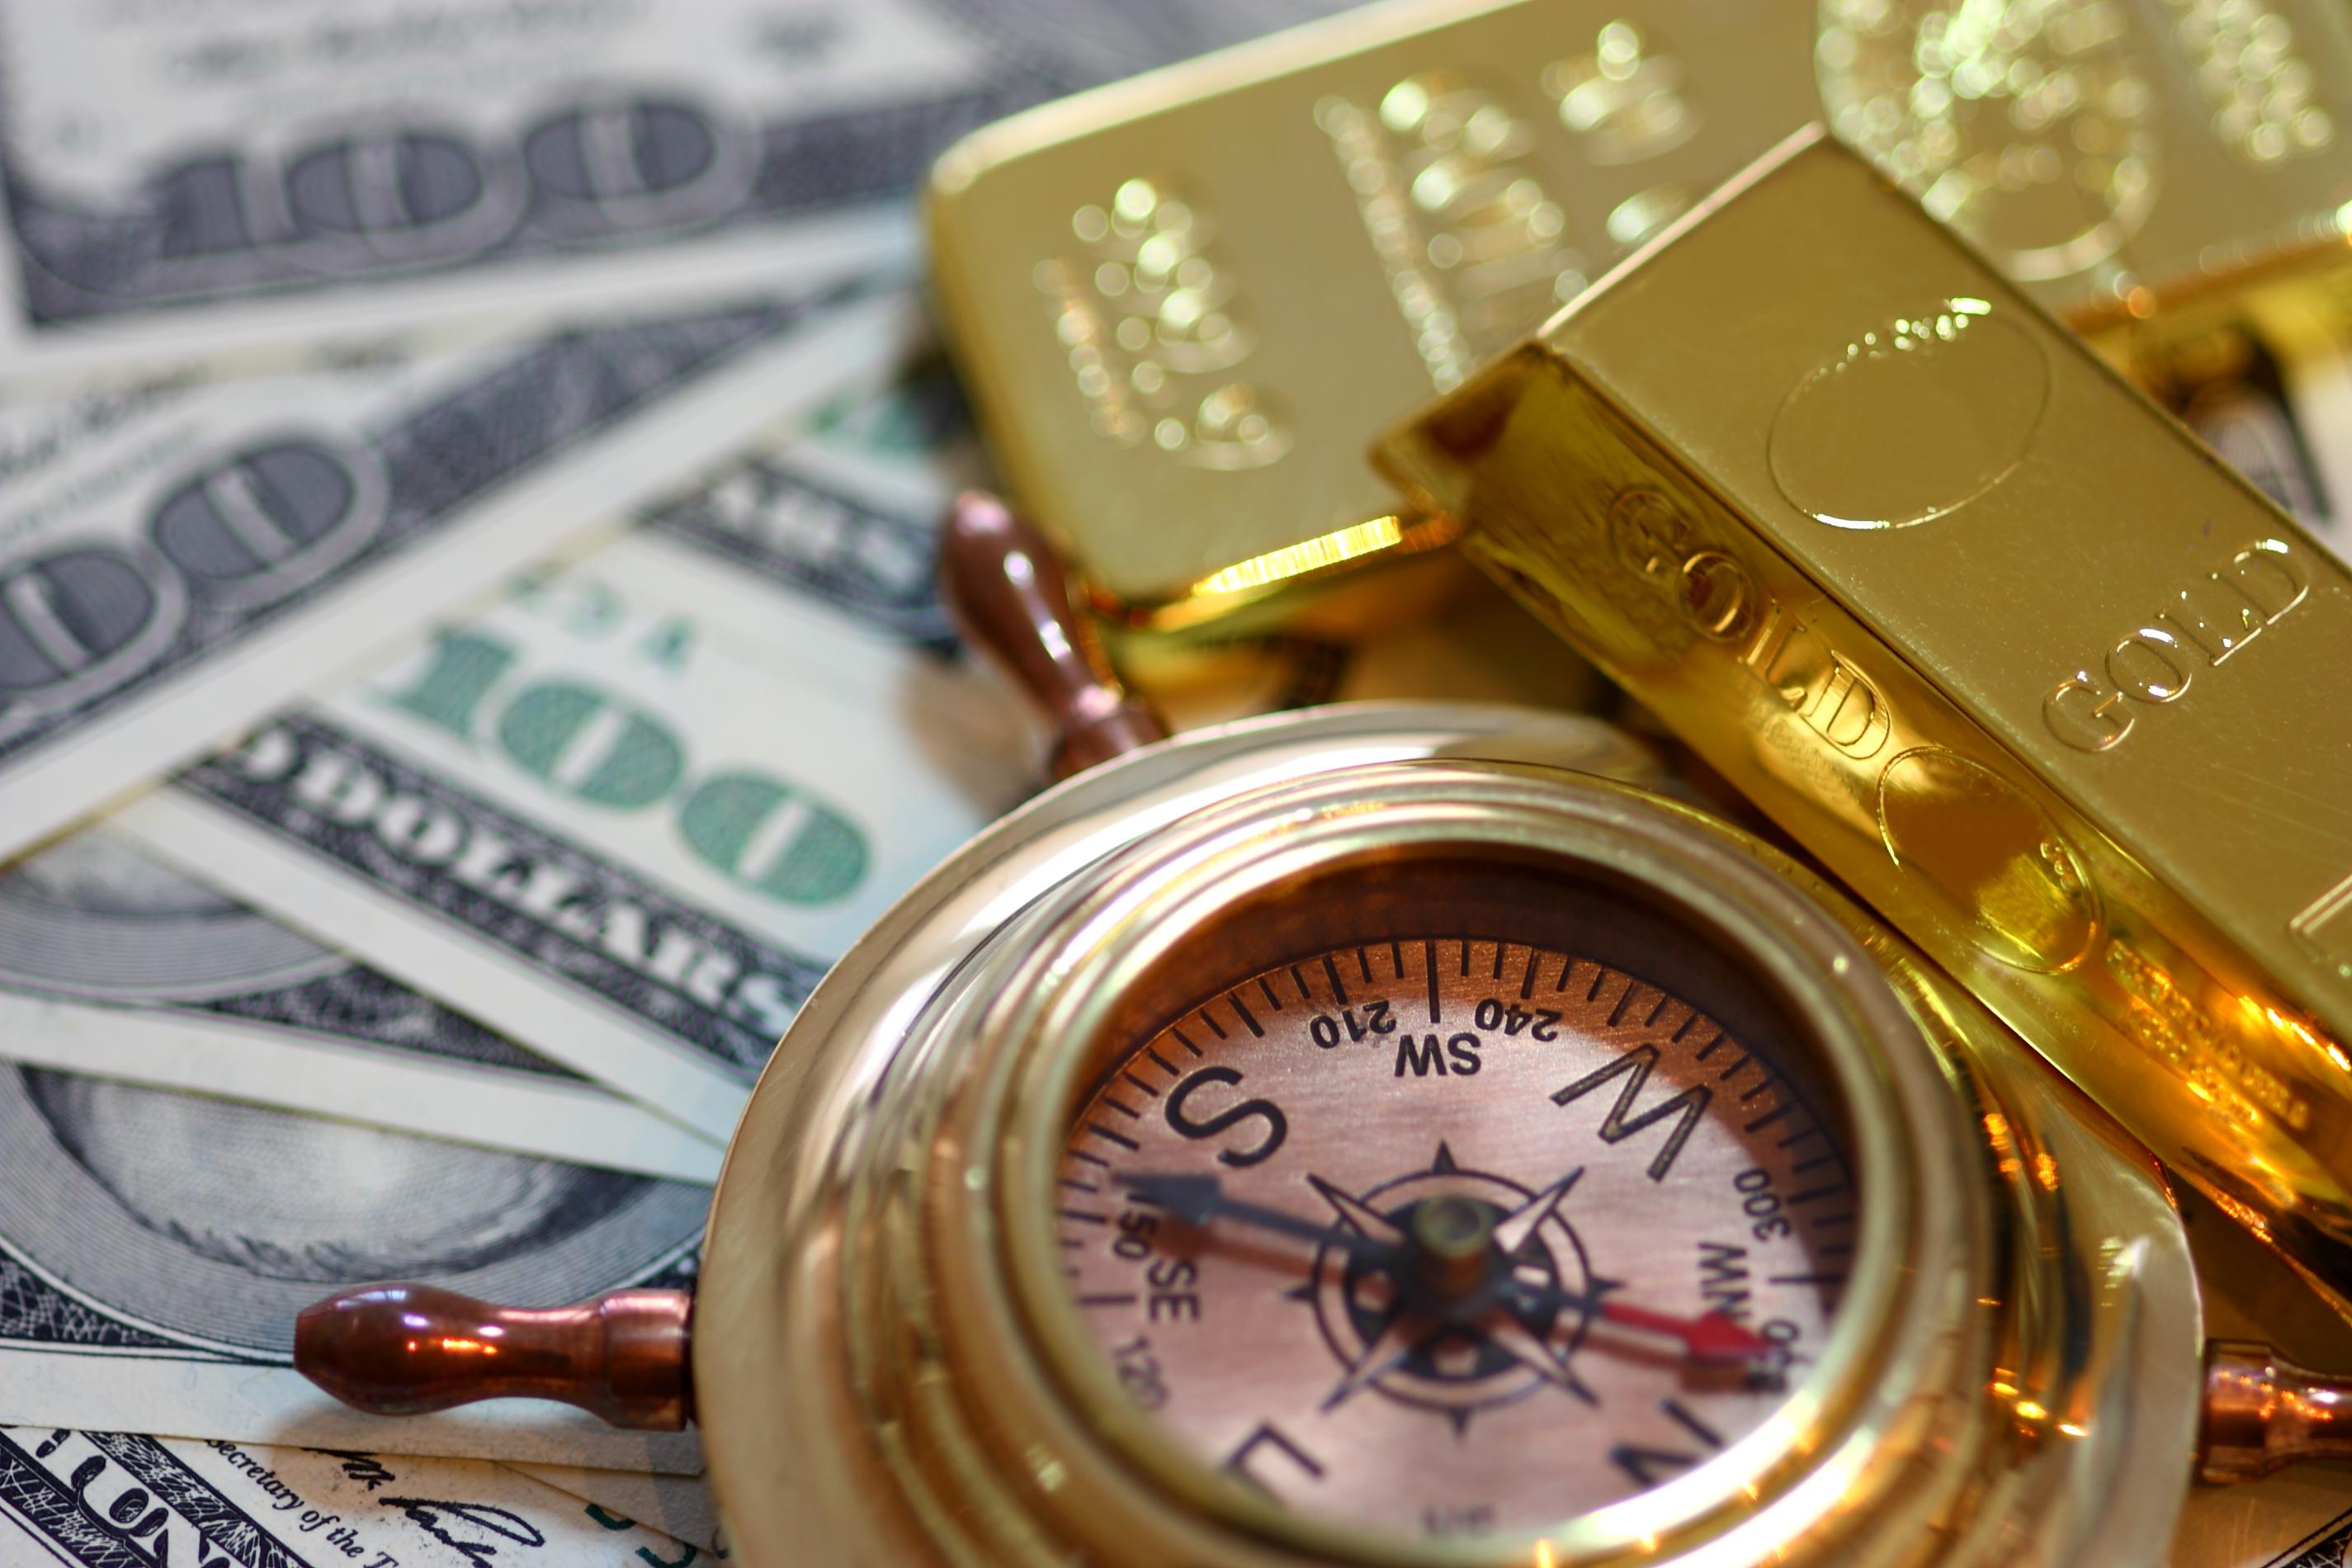 鮑威爾淡化通脹擔憂,黃金持穩於1800美元下方,突破或待數據指引